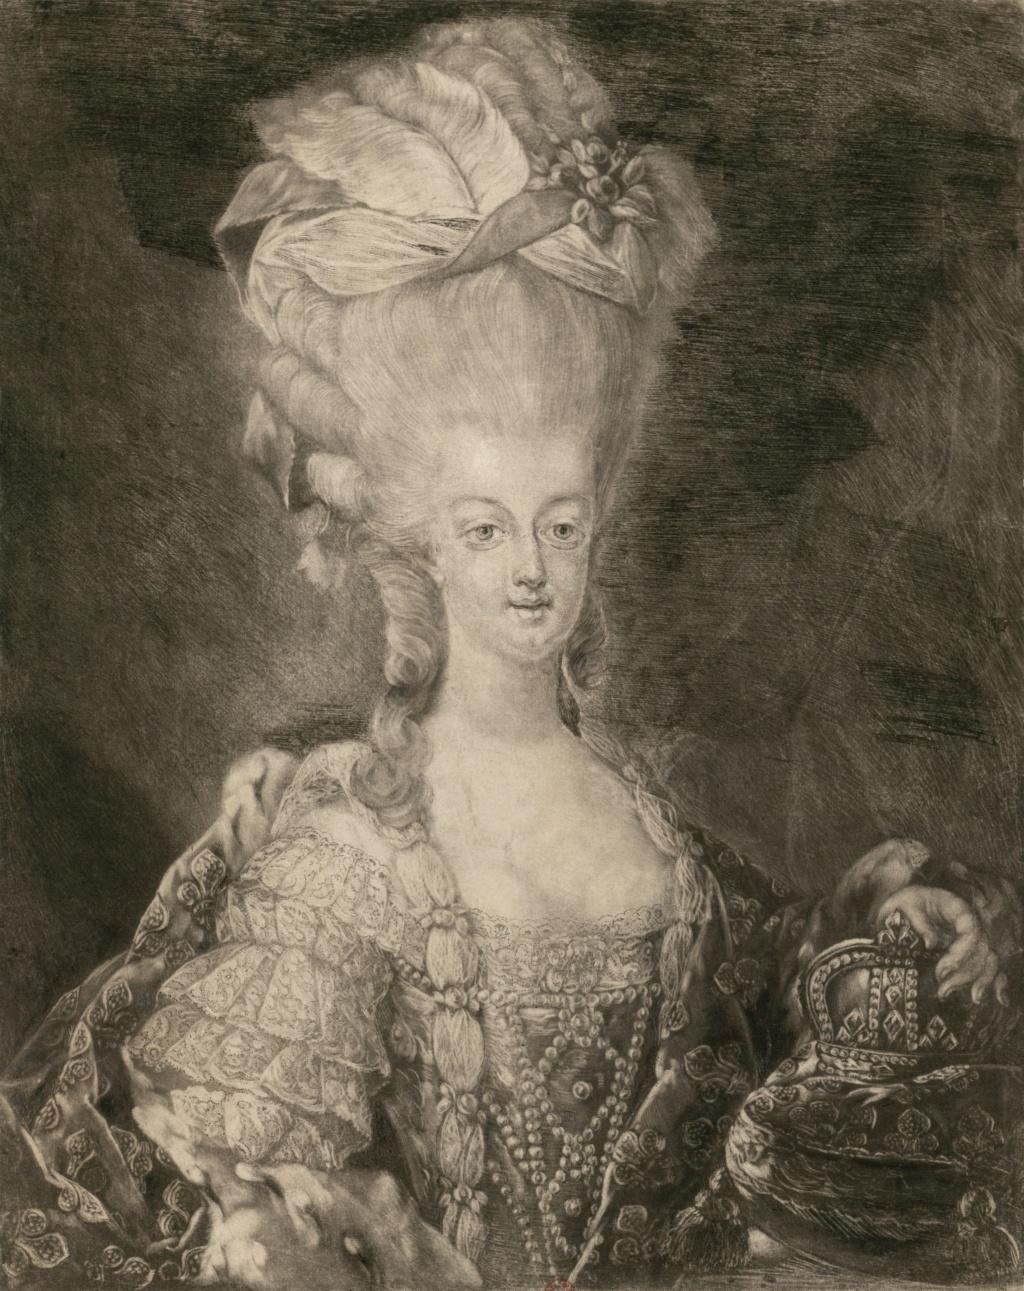 Portraits de Marie-Antoinette attribués aux Gautier Dagoty (ou d'après). - Page 3 233_bn11